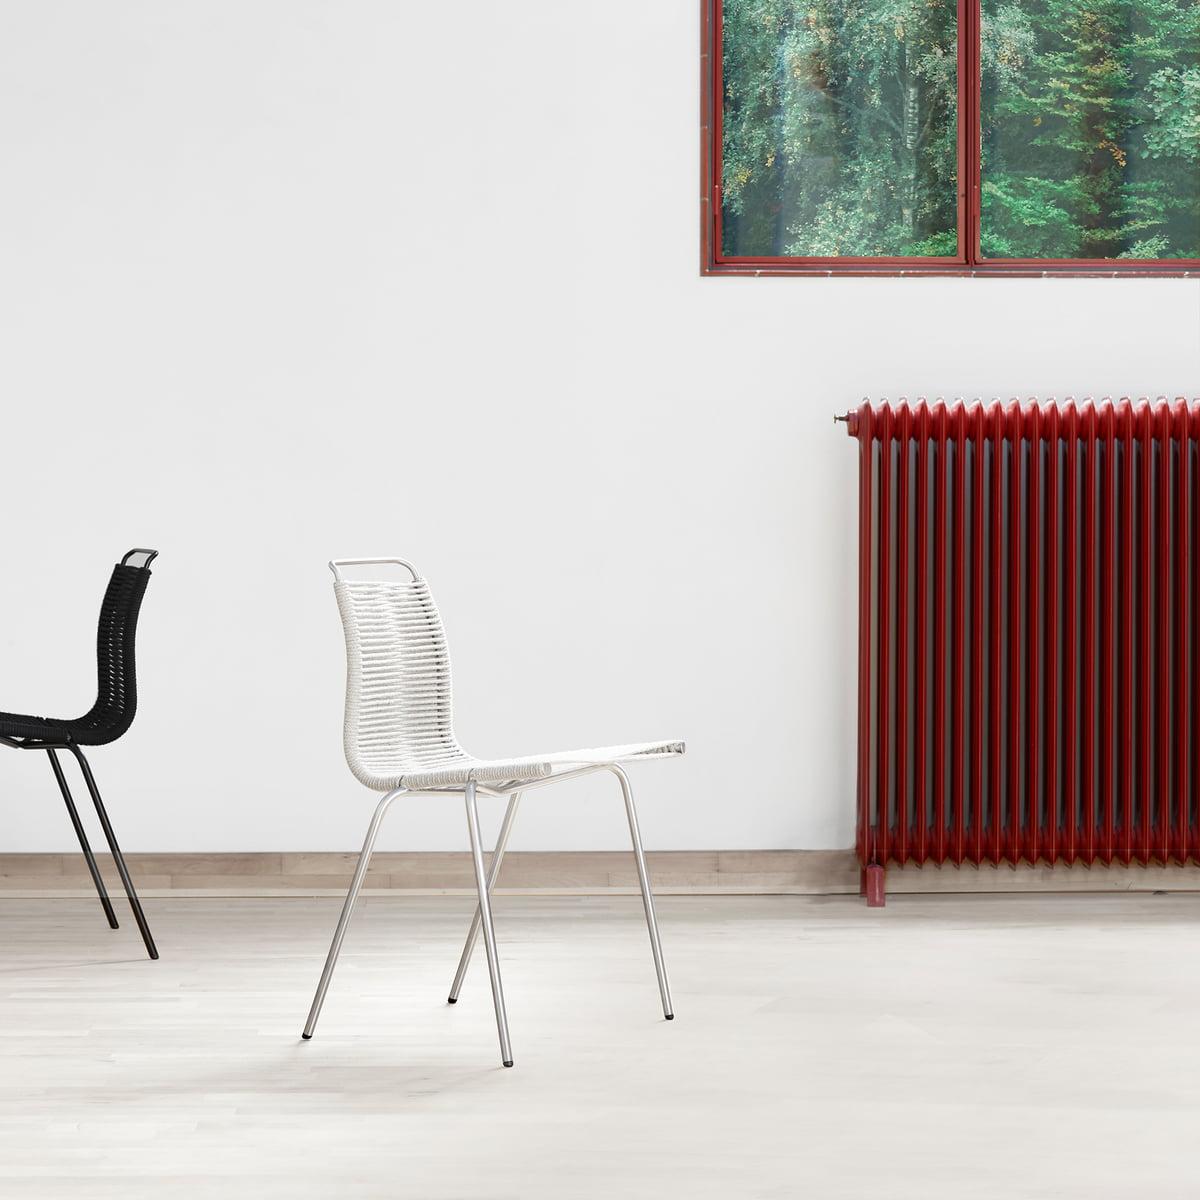 Carl hansen pk1 indoor chair